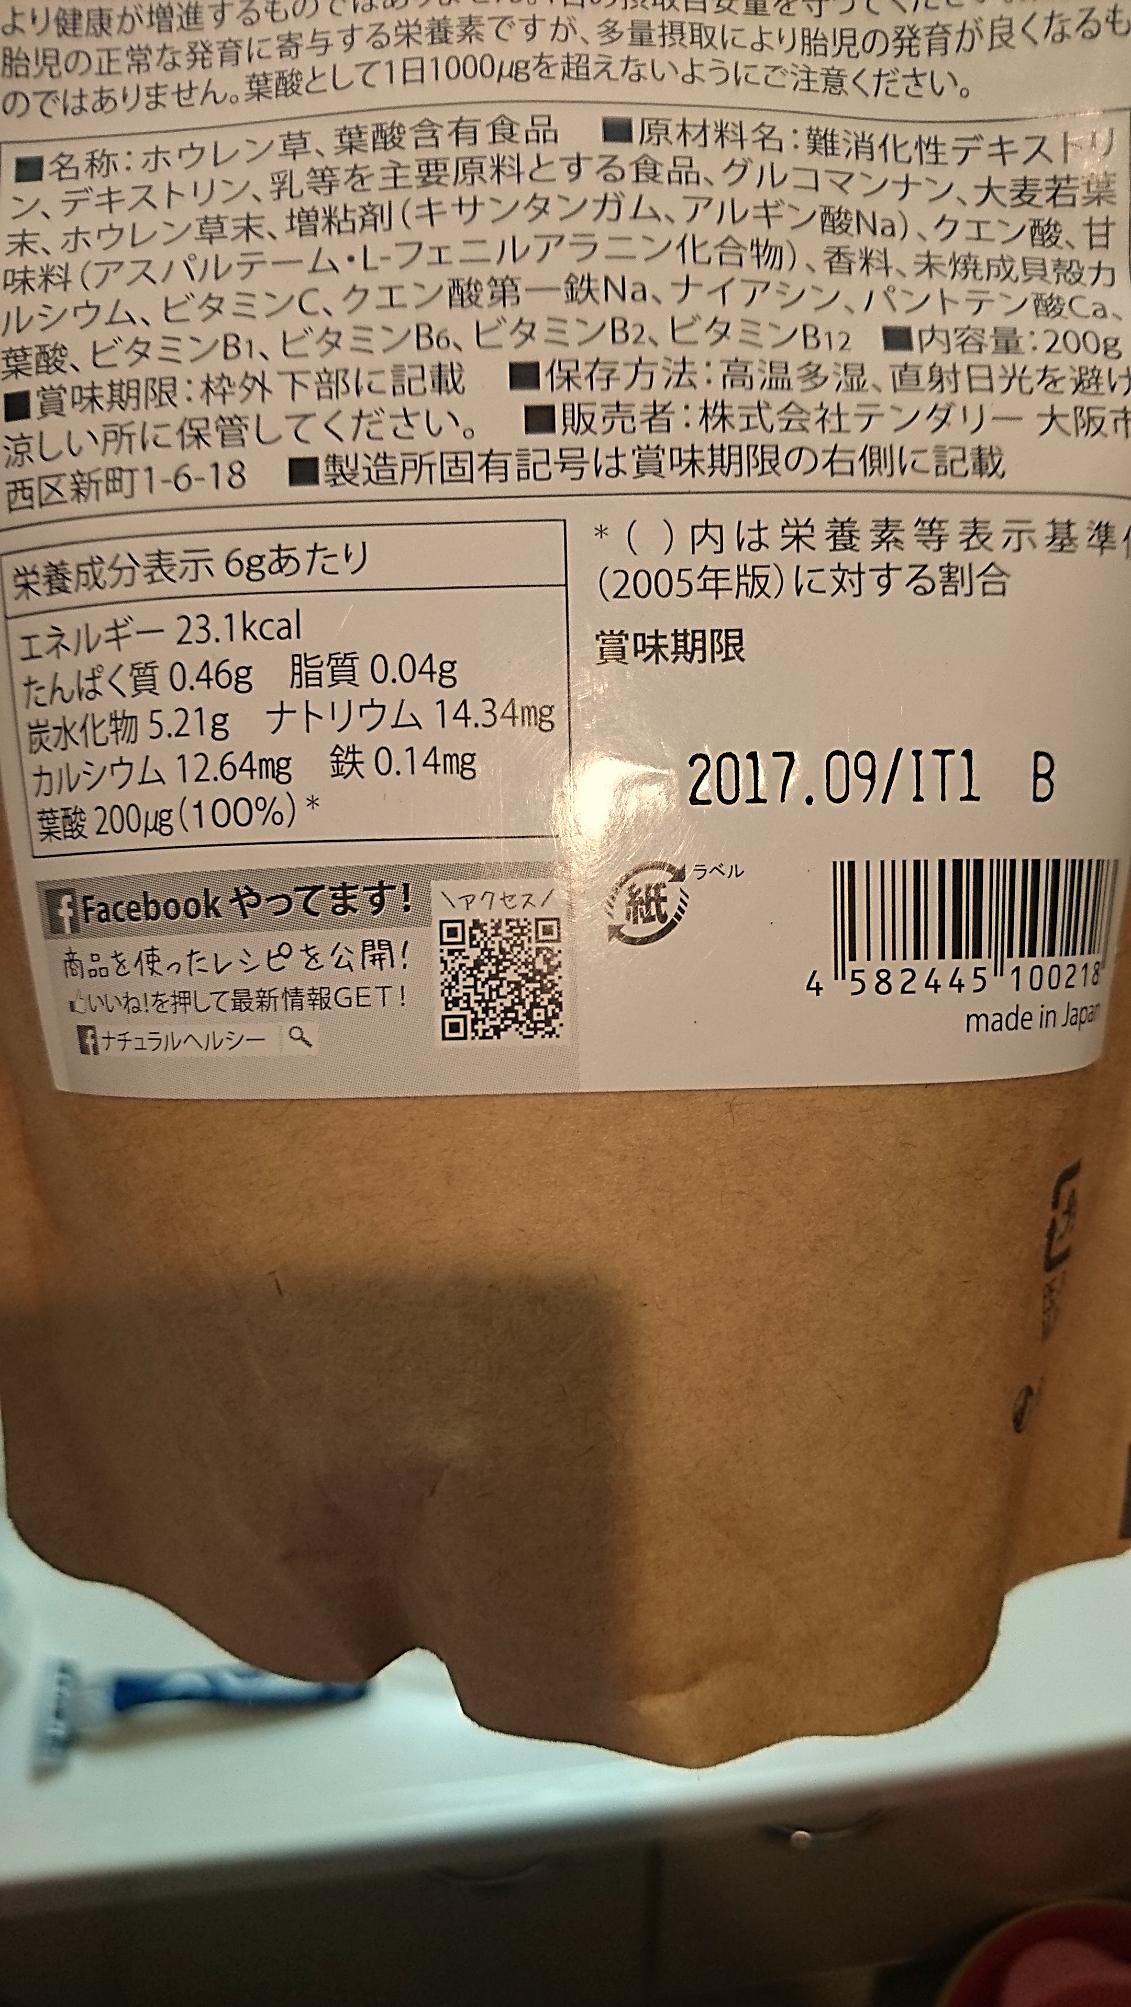 ミネラル葉酸グリーンスムージー